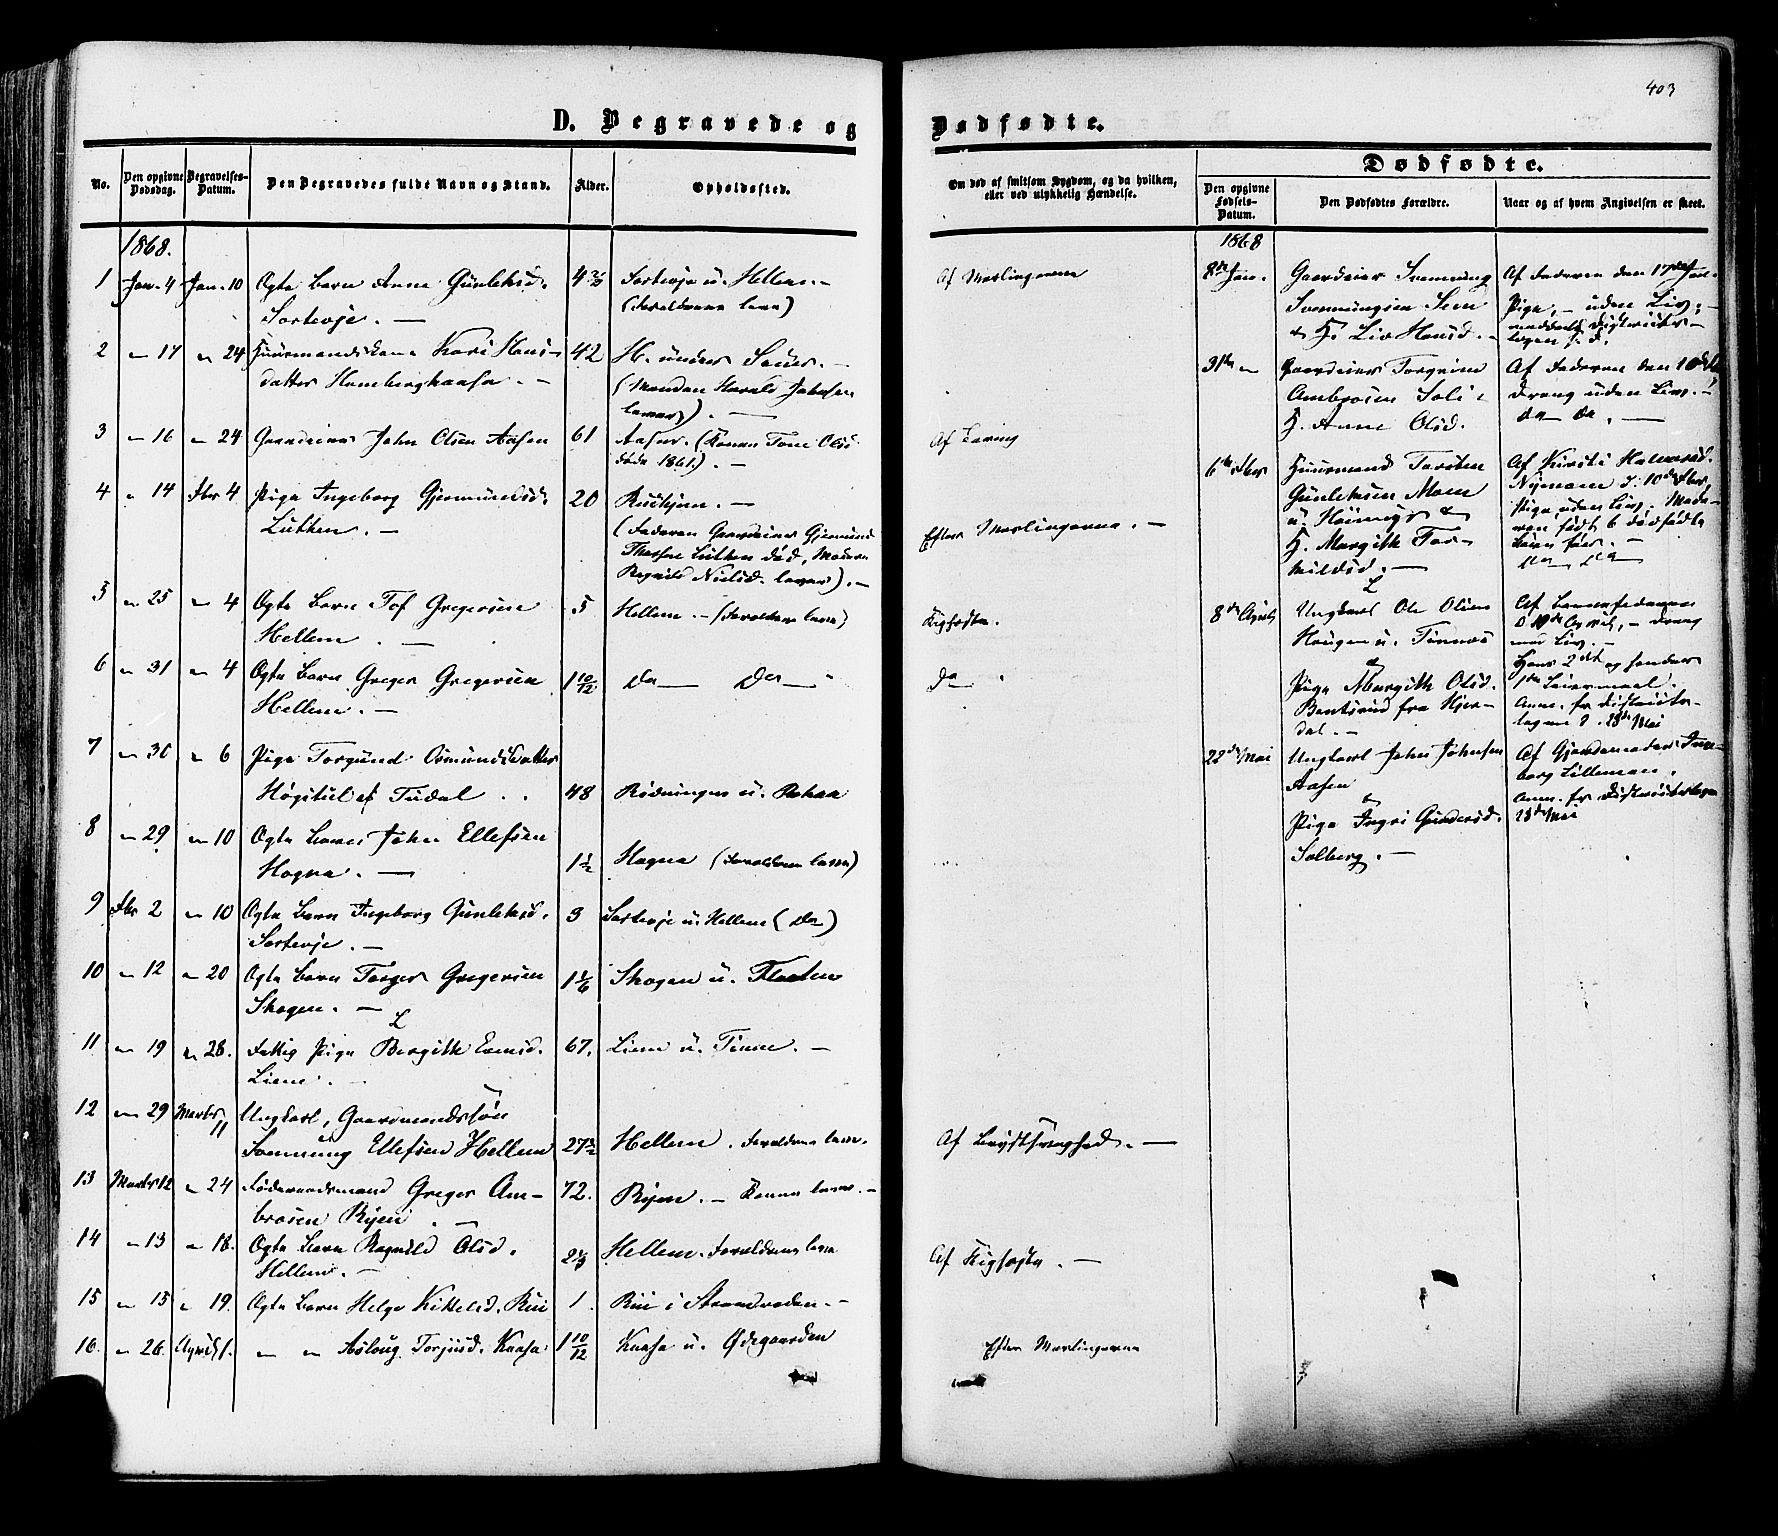 SAKO, Heddal kirkebøker, F/Fa/L0007: Ministerialbok nr. I 7, 1855-1877, s. 403